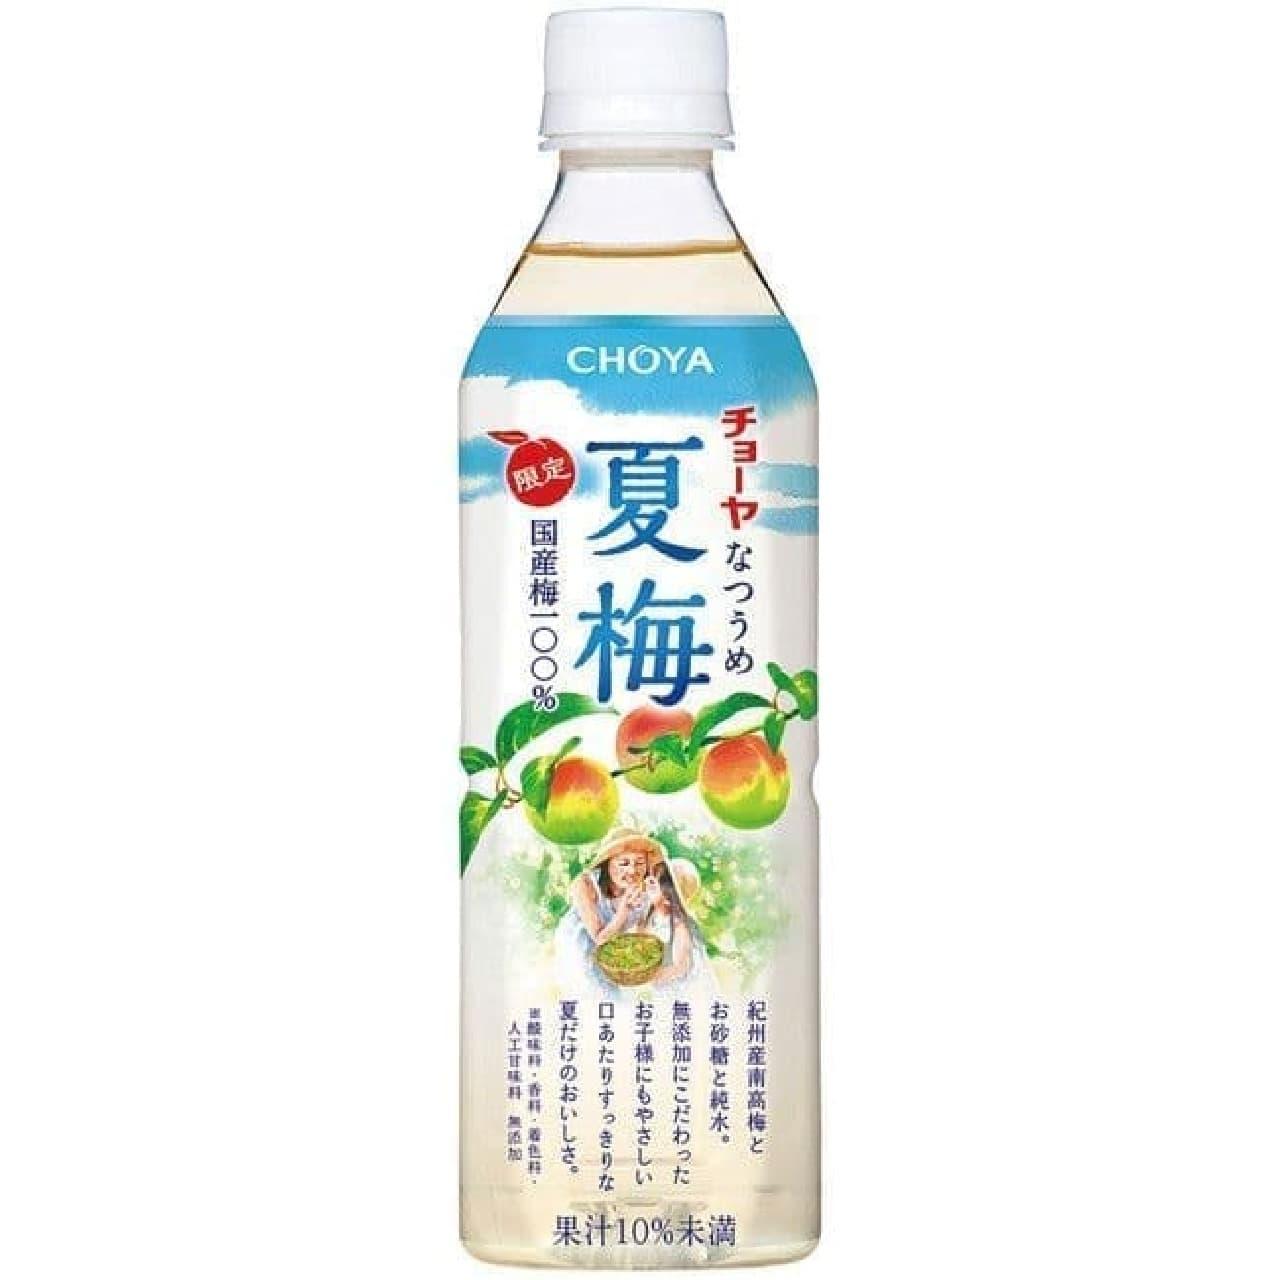 チョーヤ梅酒「CHOYA 夏梅」